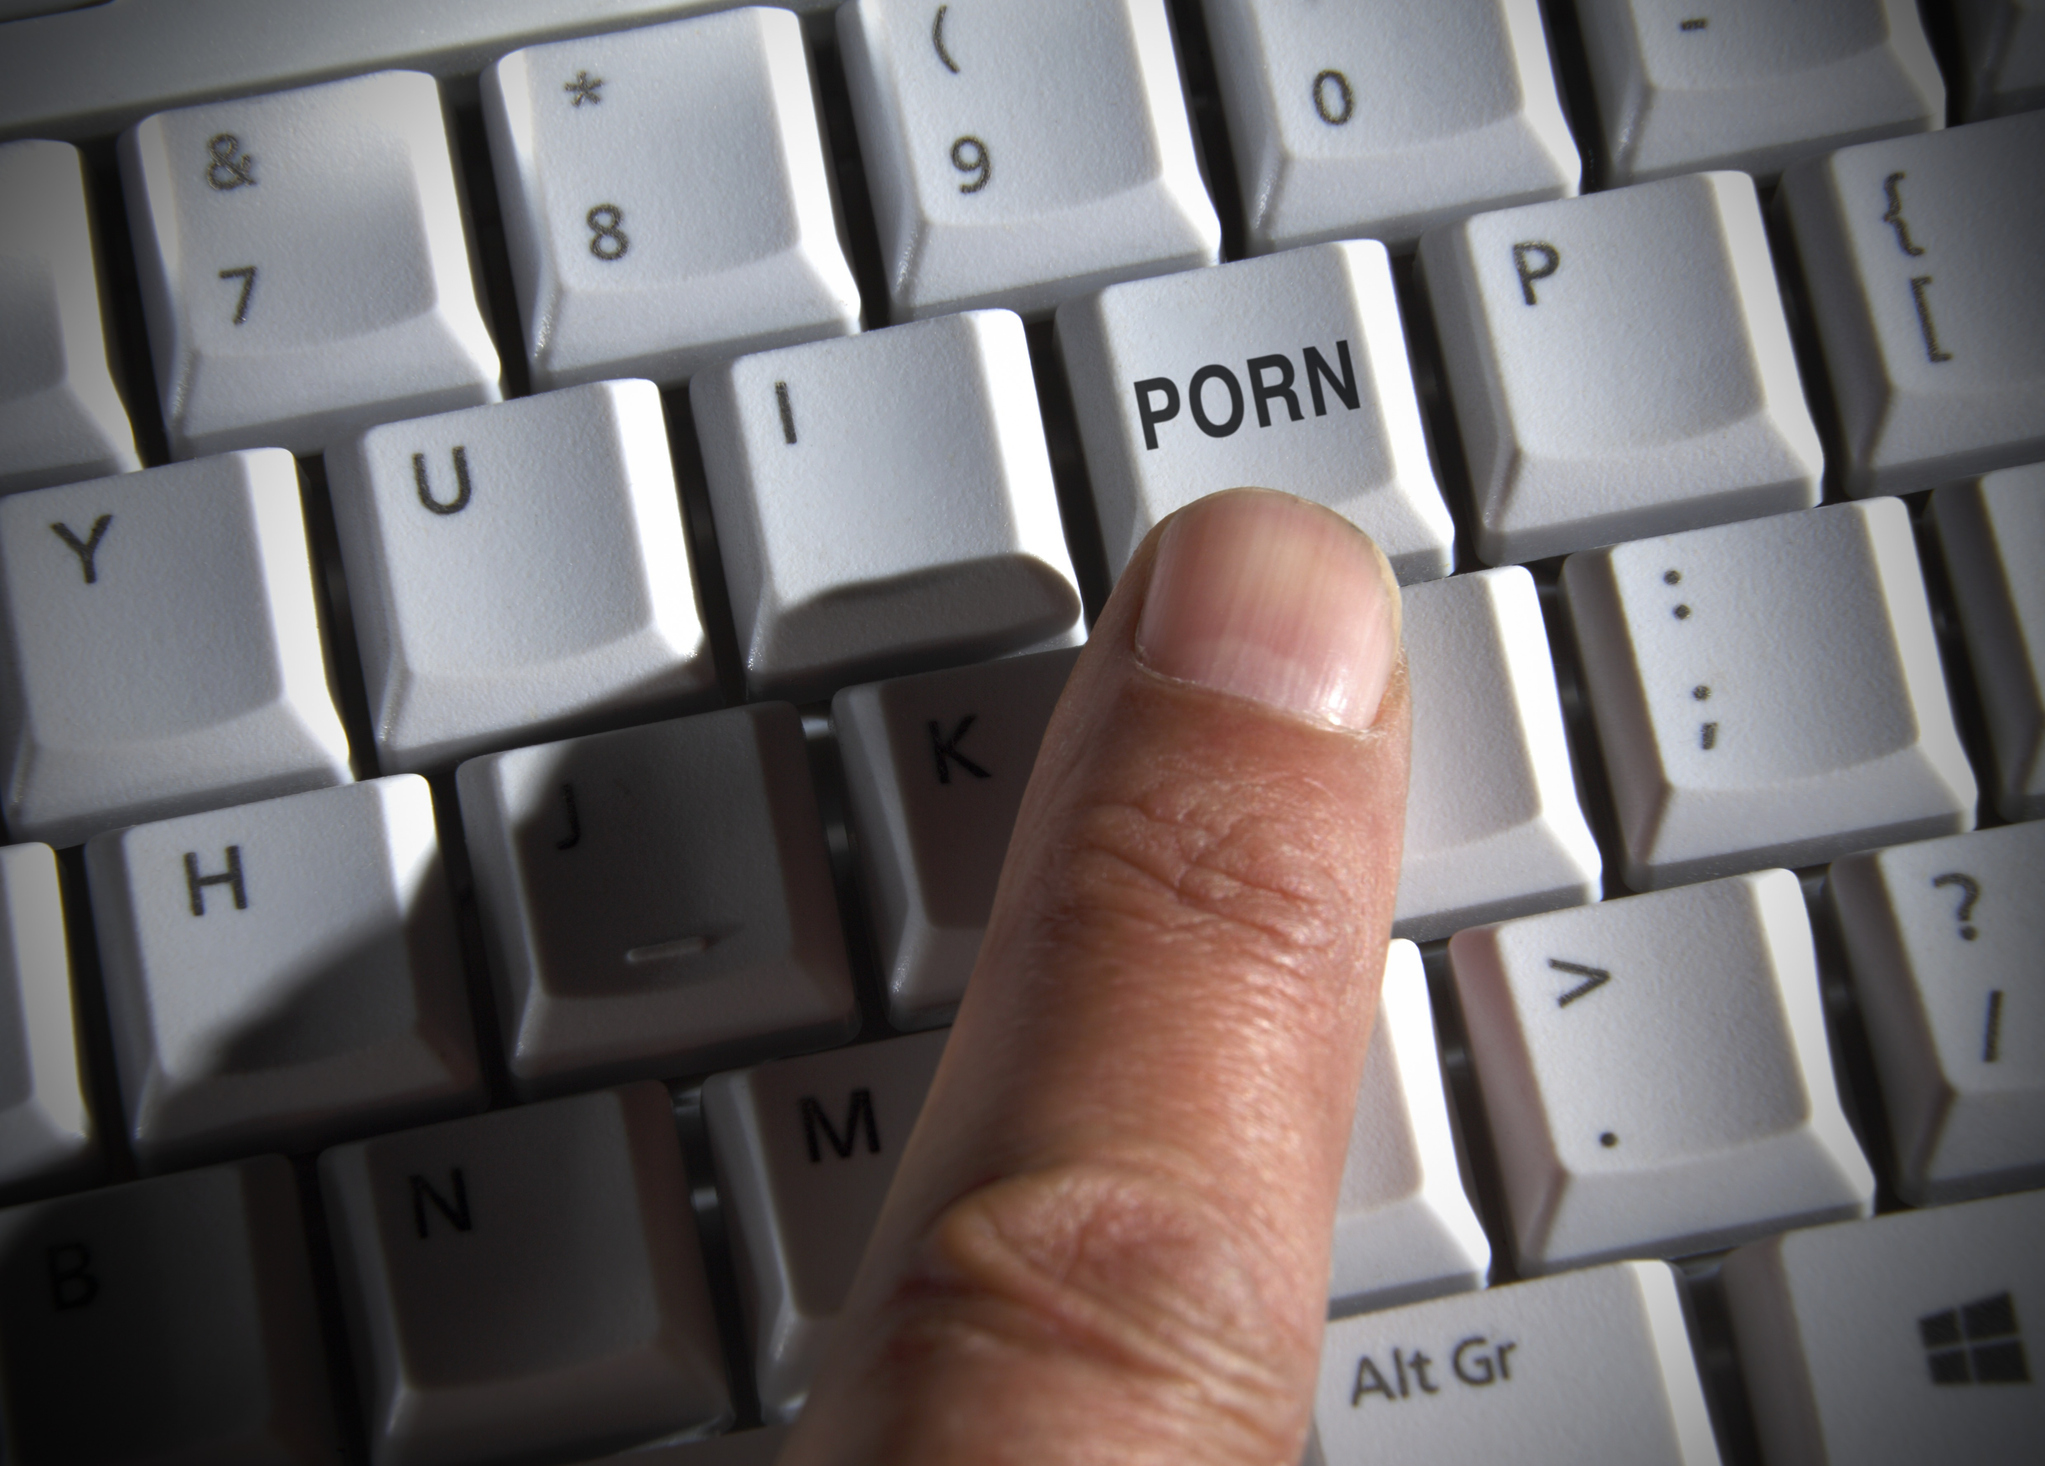 Según informó Fox News, un ciudadano estadounidense demandó a sus padres  por haber destruido su colección de porno de miles de dólares.